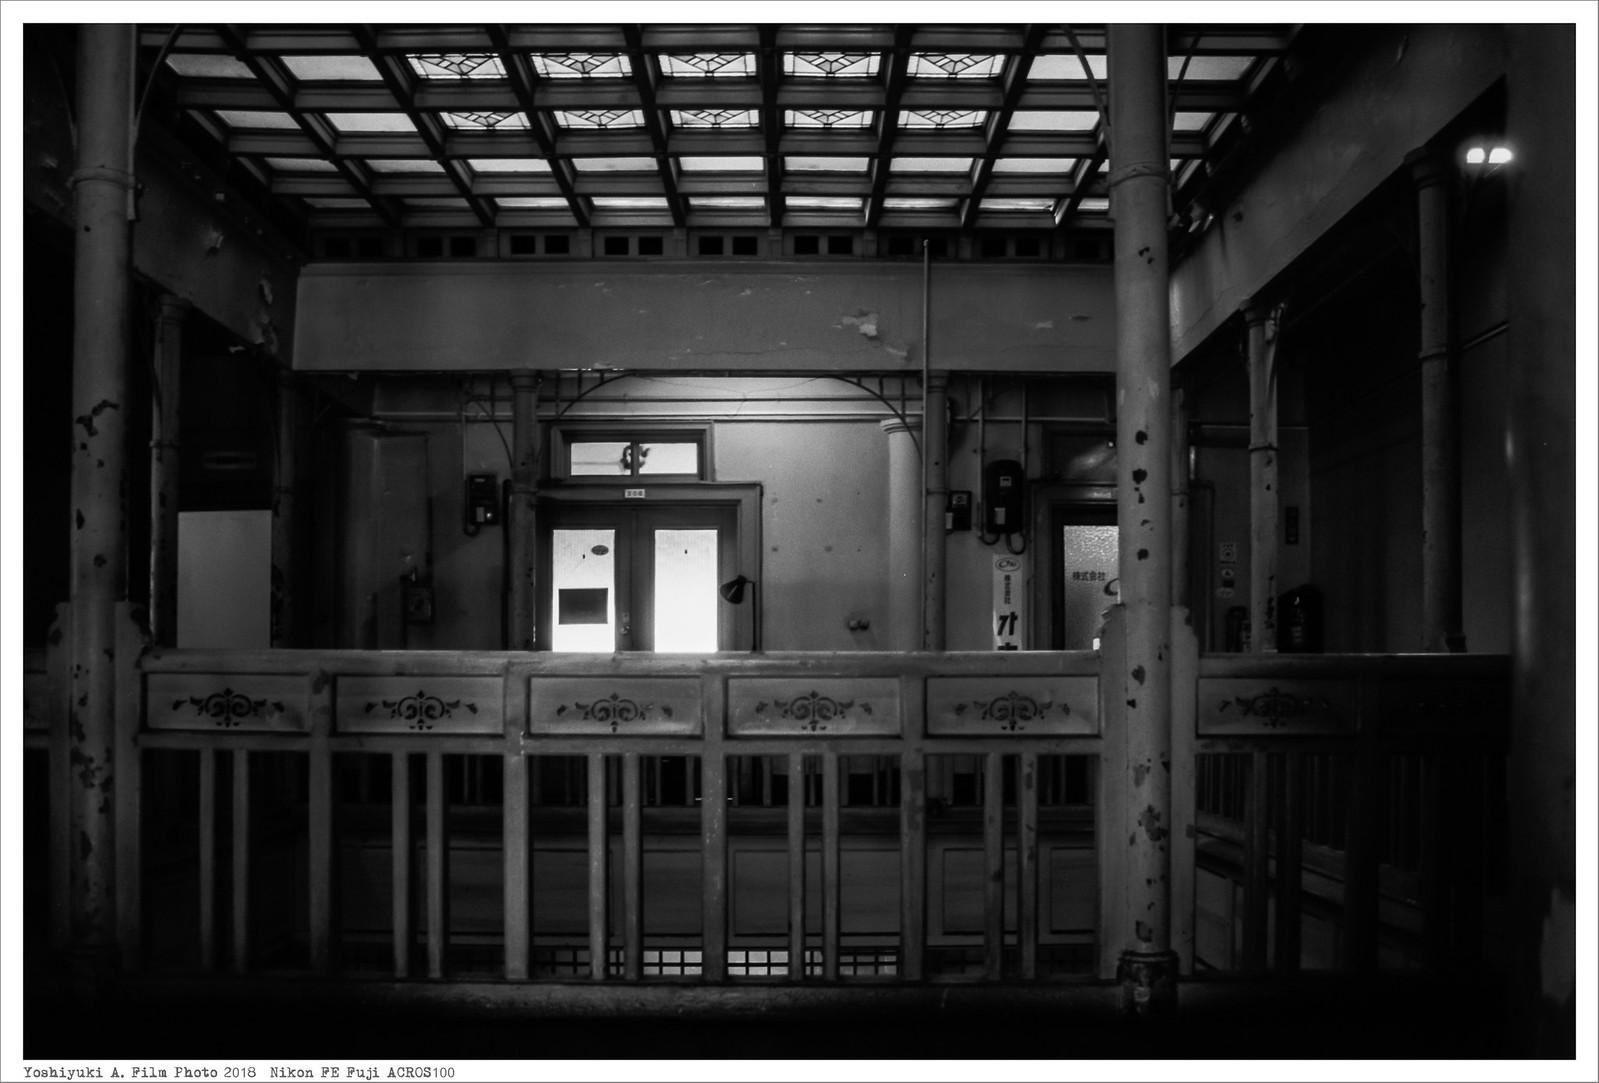 北九州市若松区 上野海運 Nikon_FE_Fuji_Acros100__73